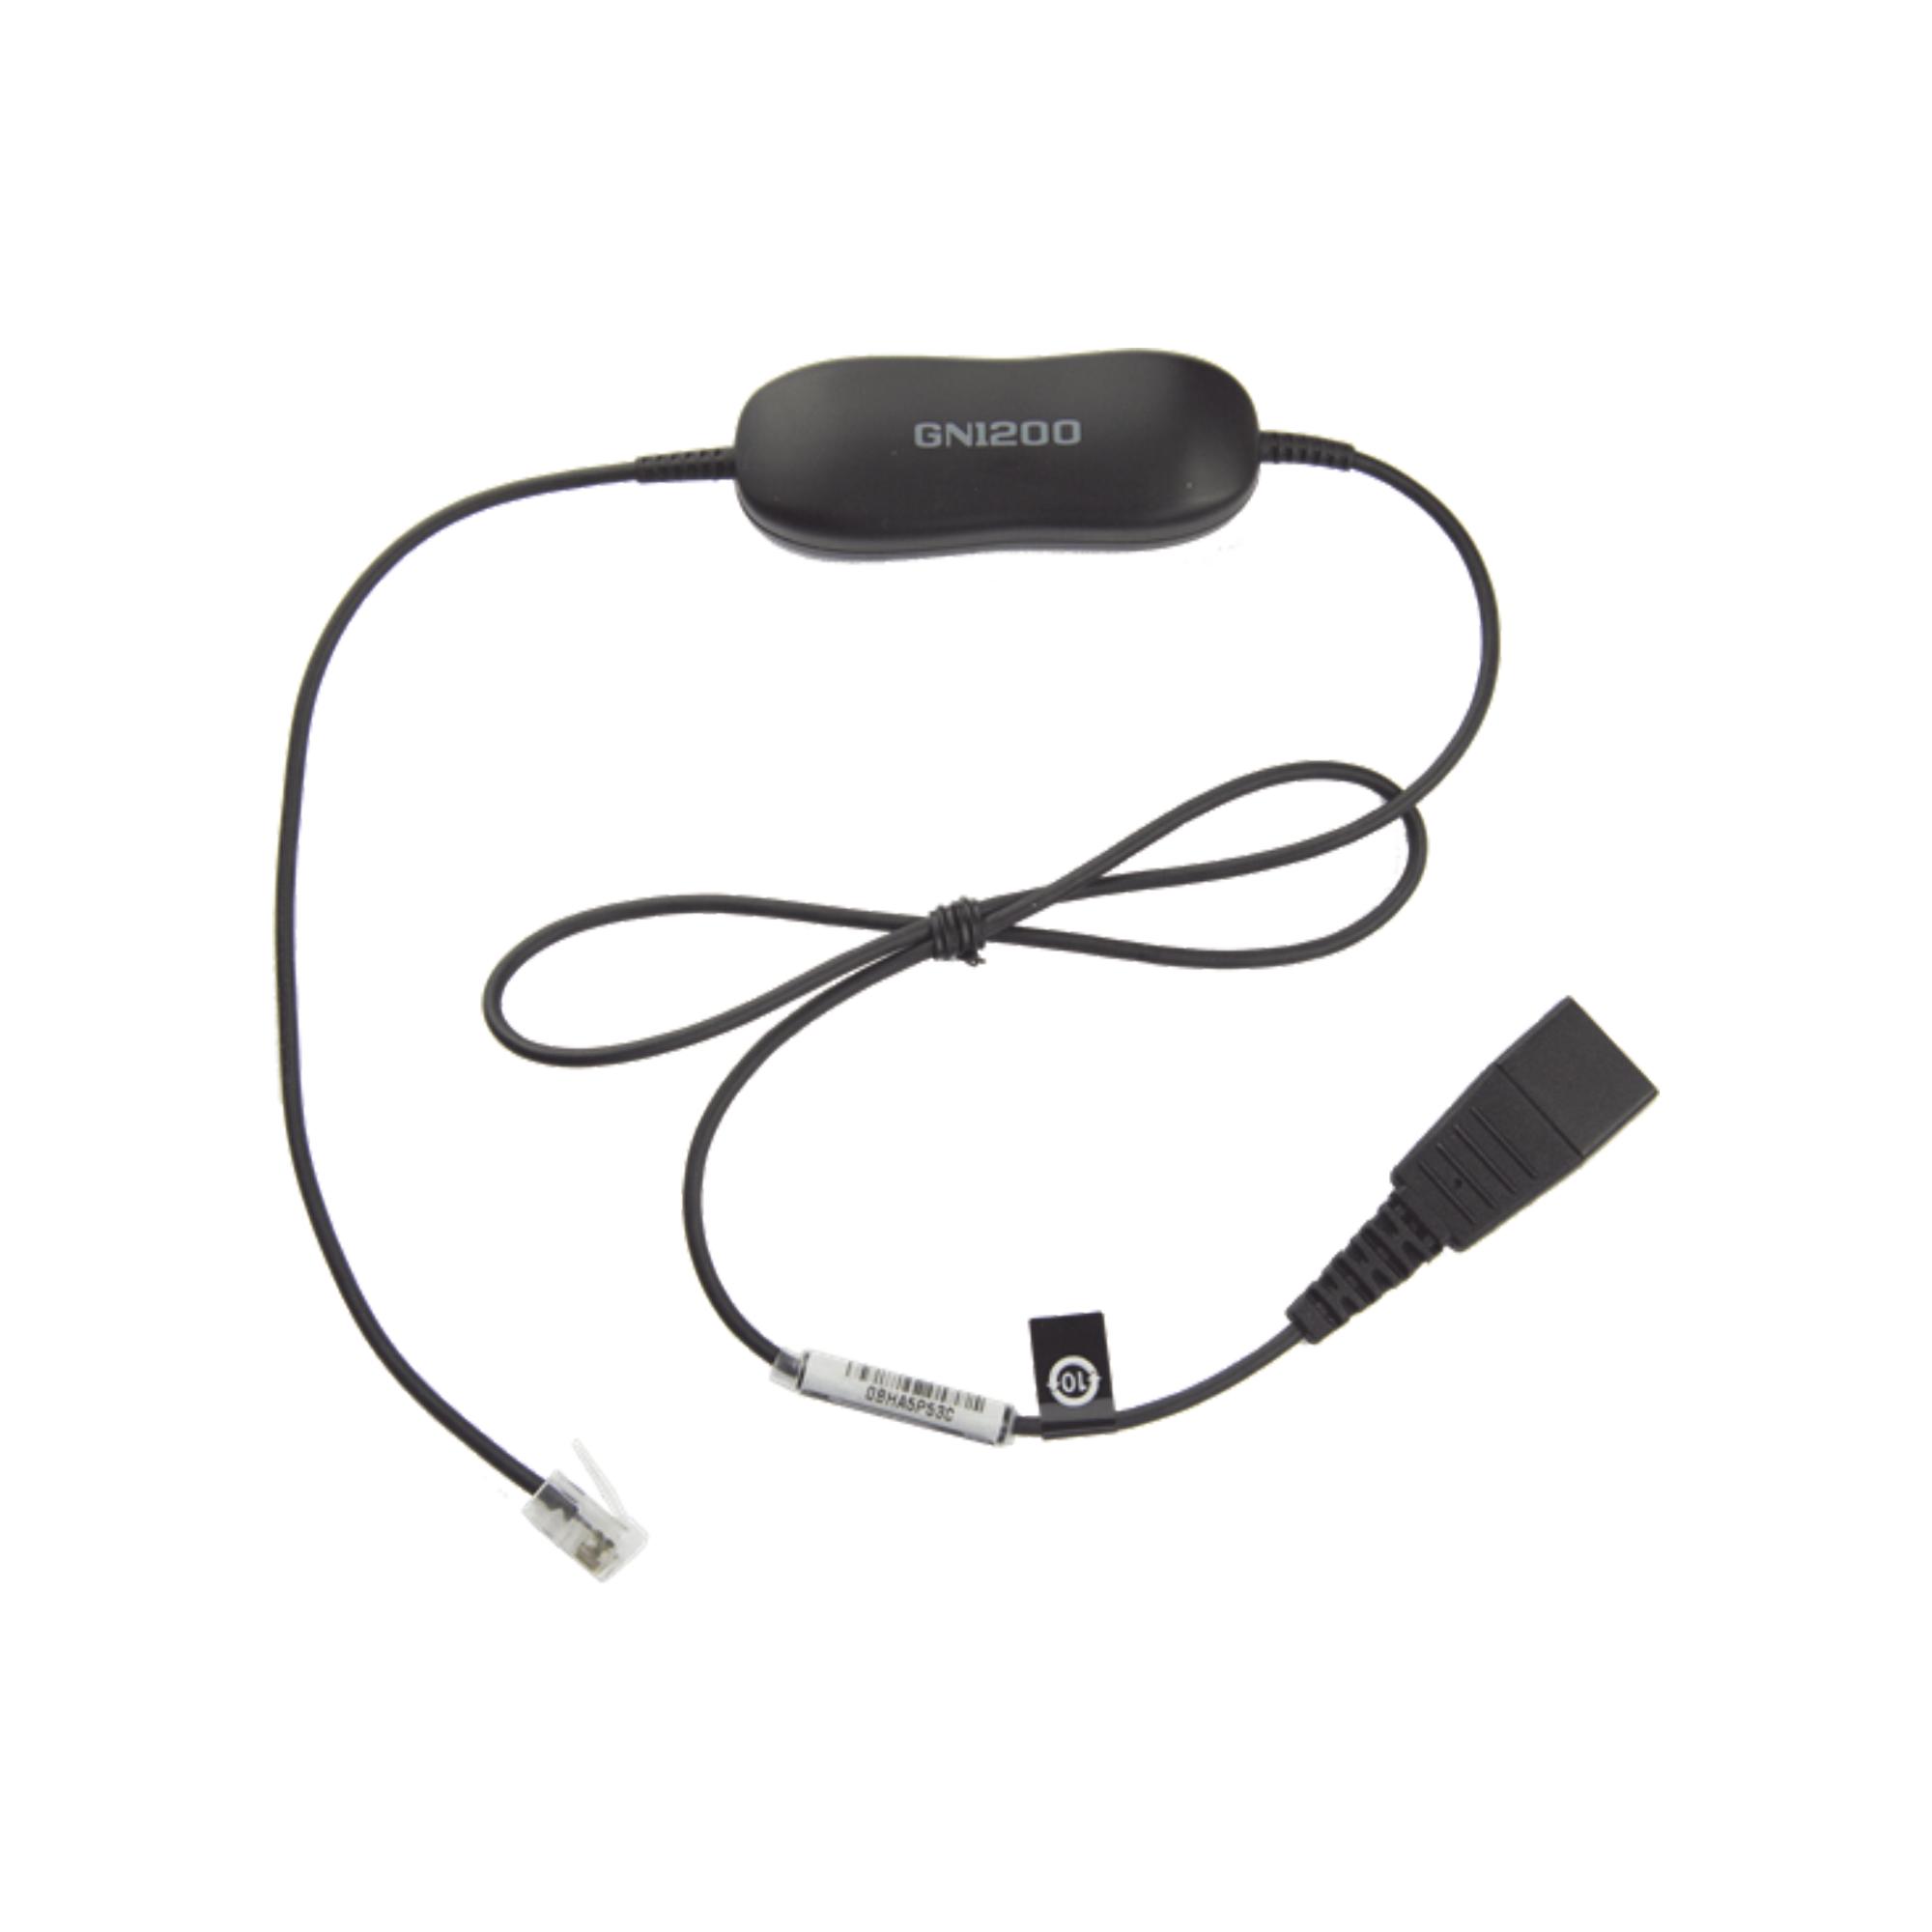 Jabra GN1200 cable con conexion QD y RJ-9 (88001-99)